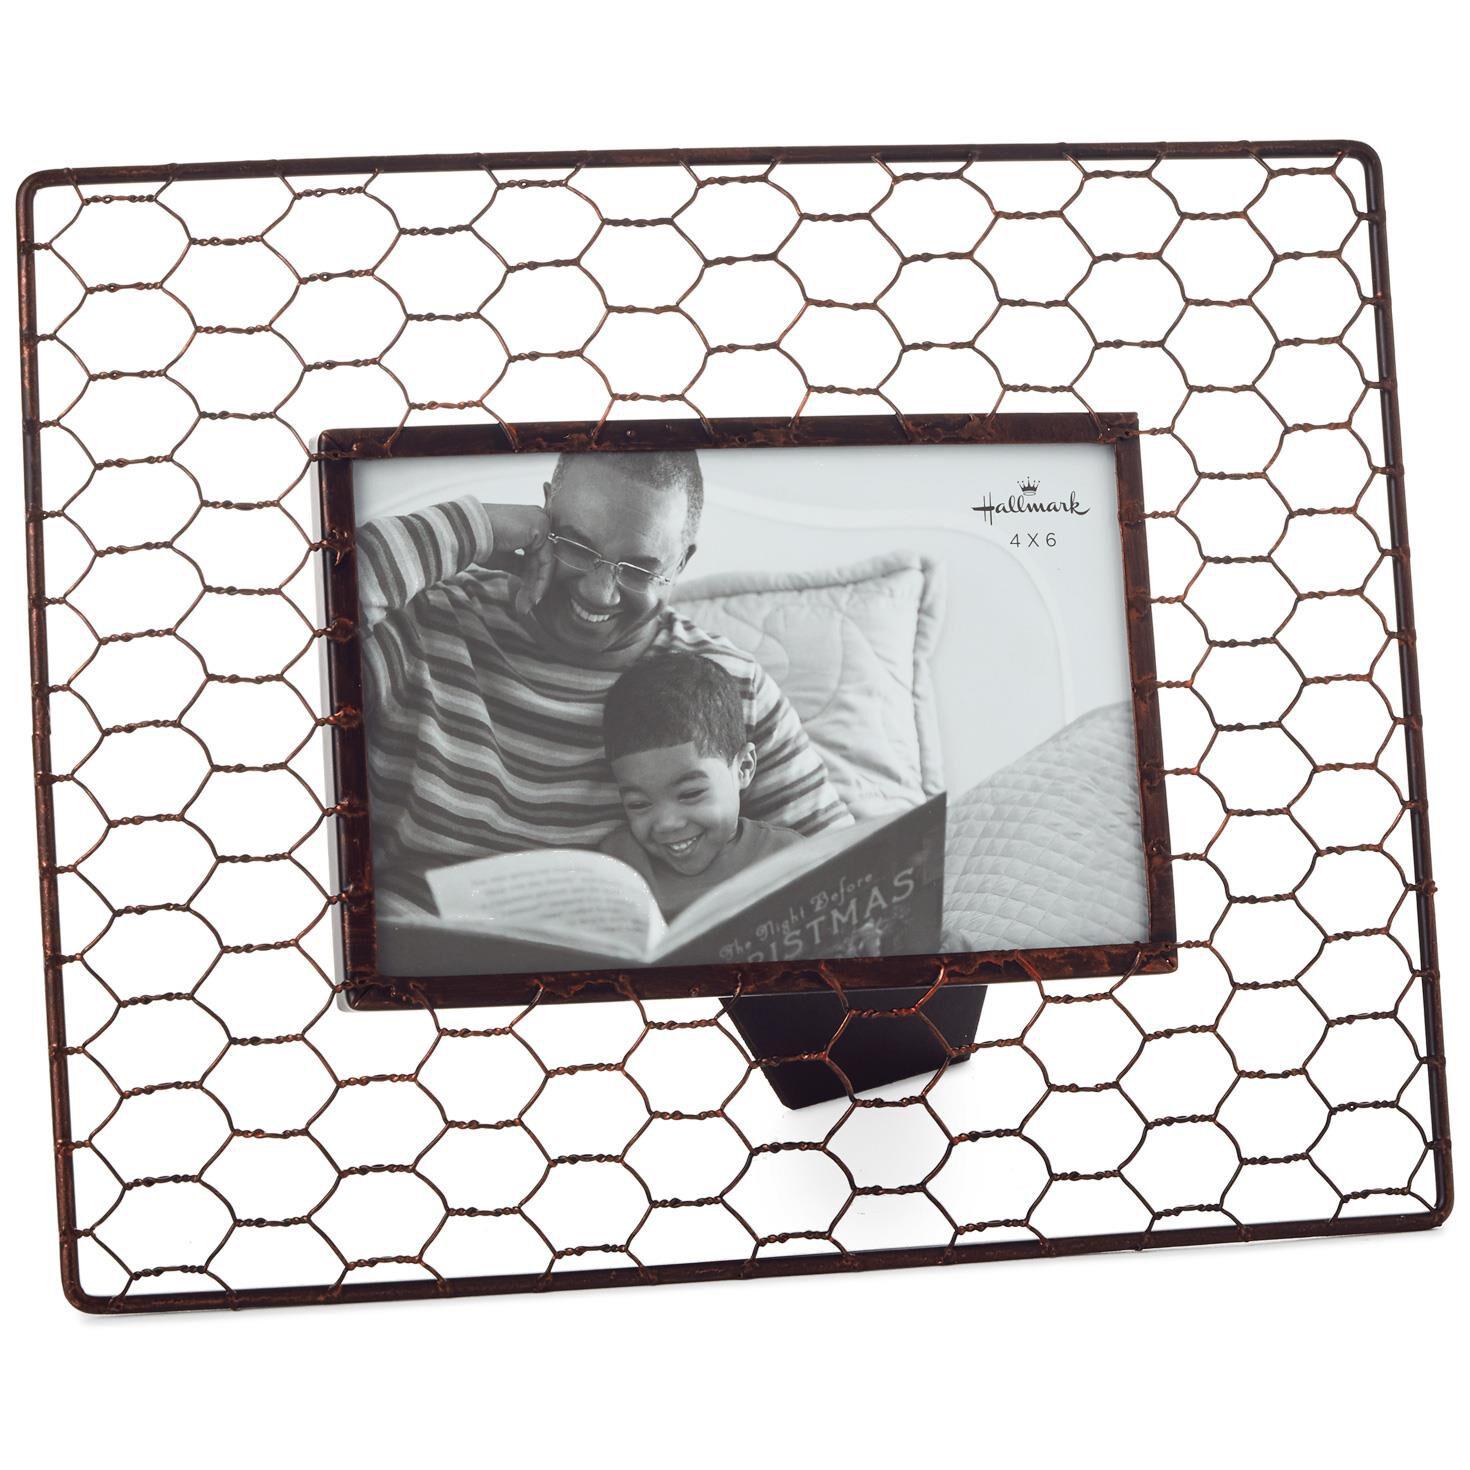 Chicken Wire Picture Frame, 4x6 - Picture Frames - Hallmark